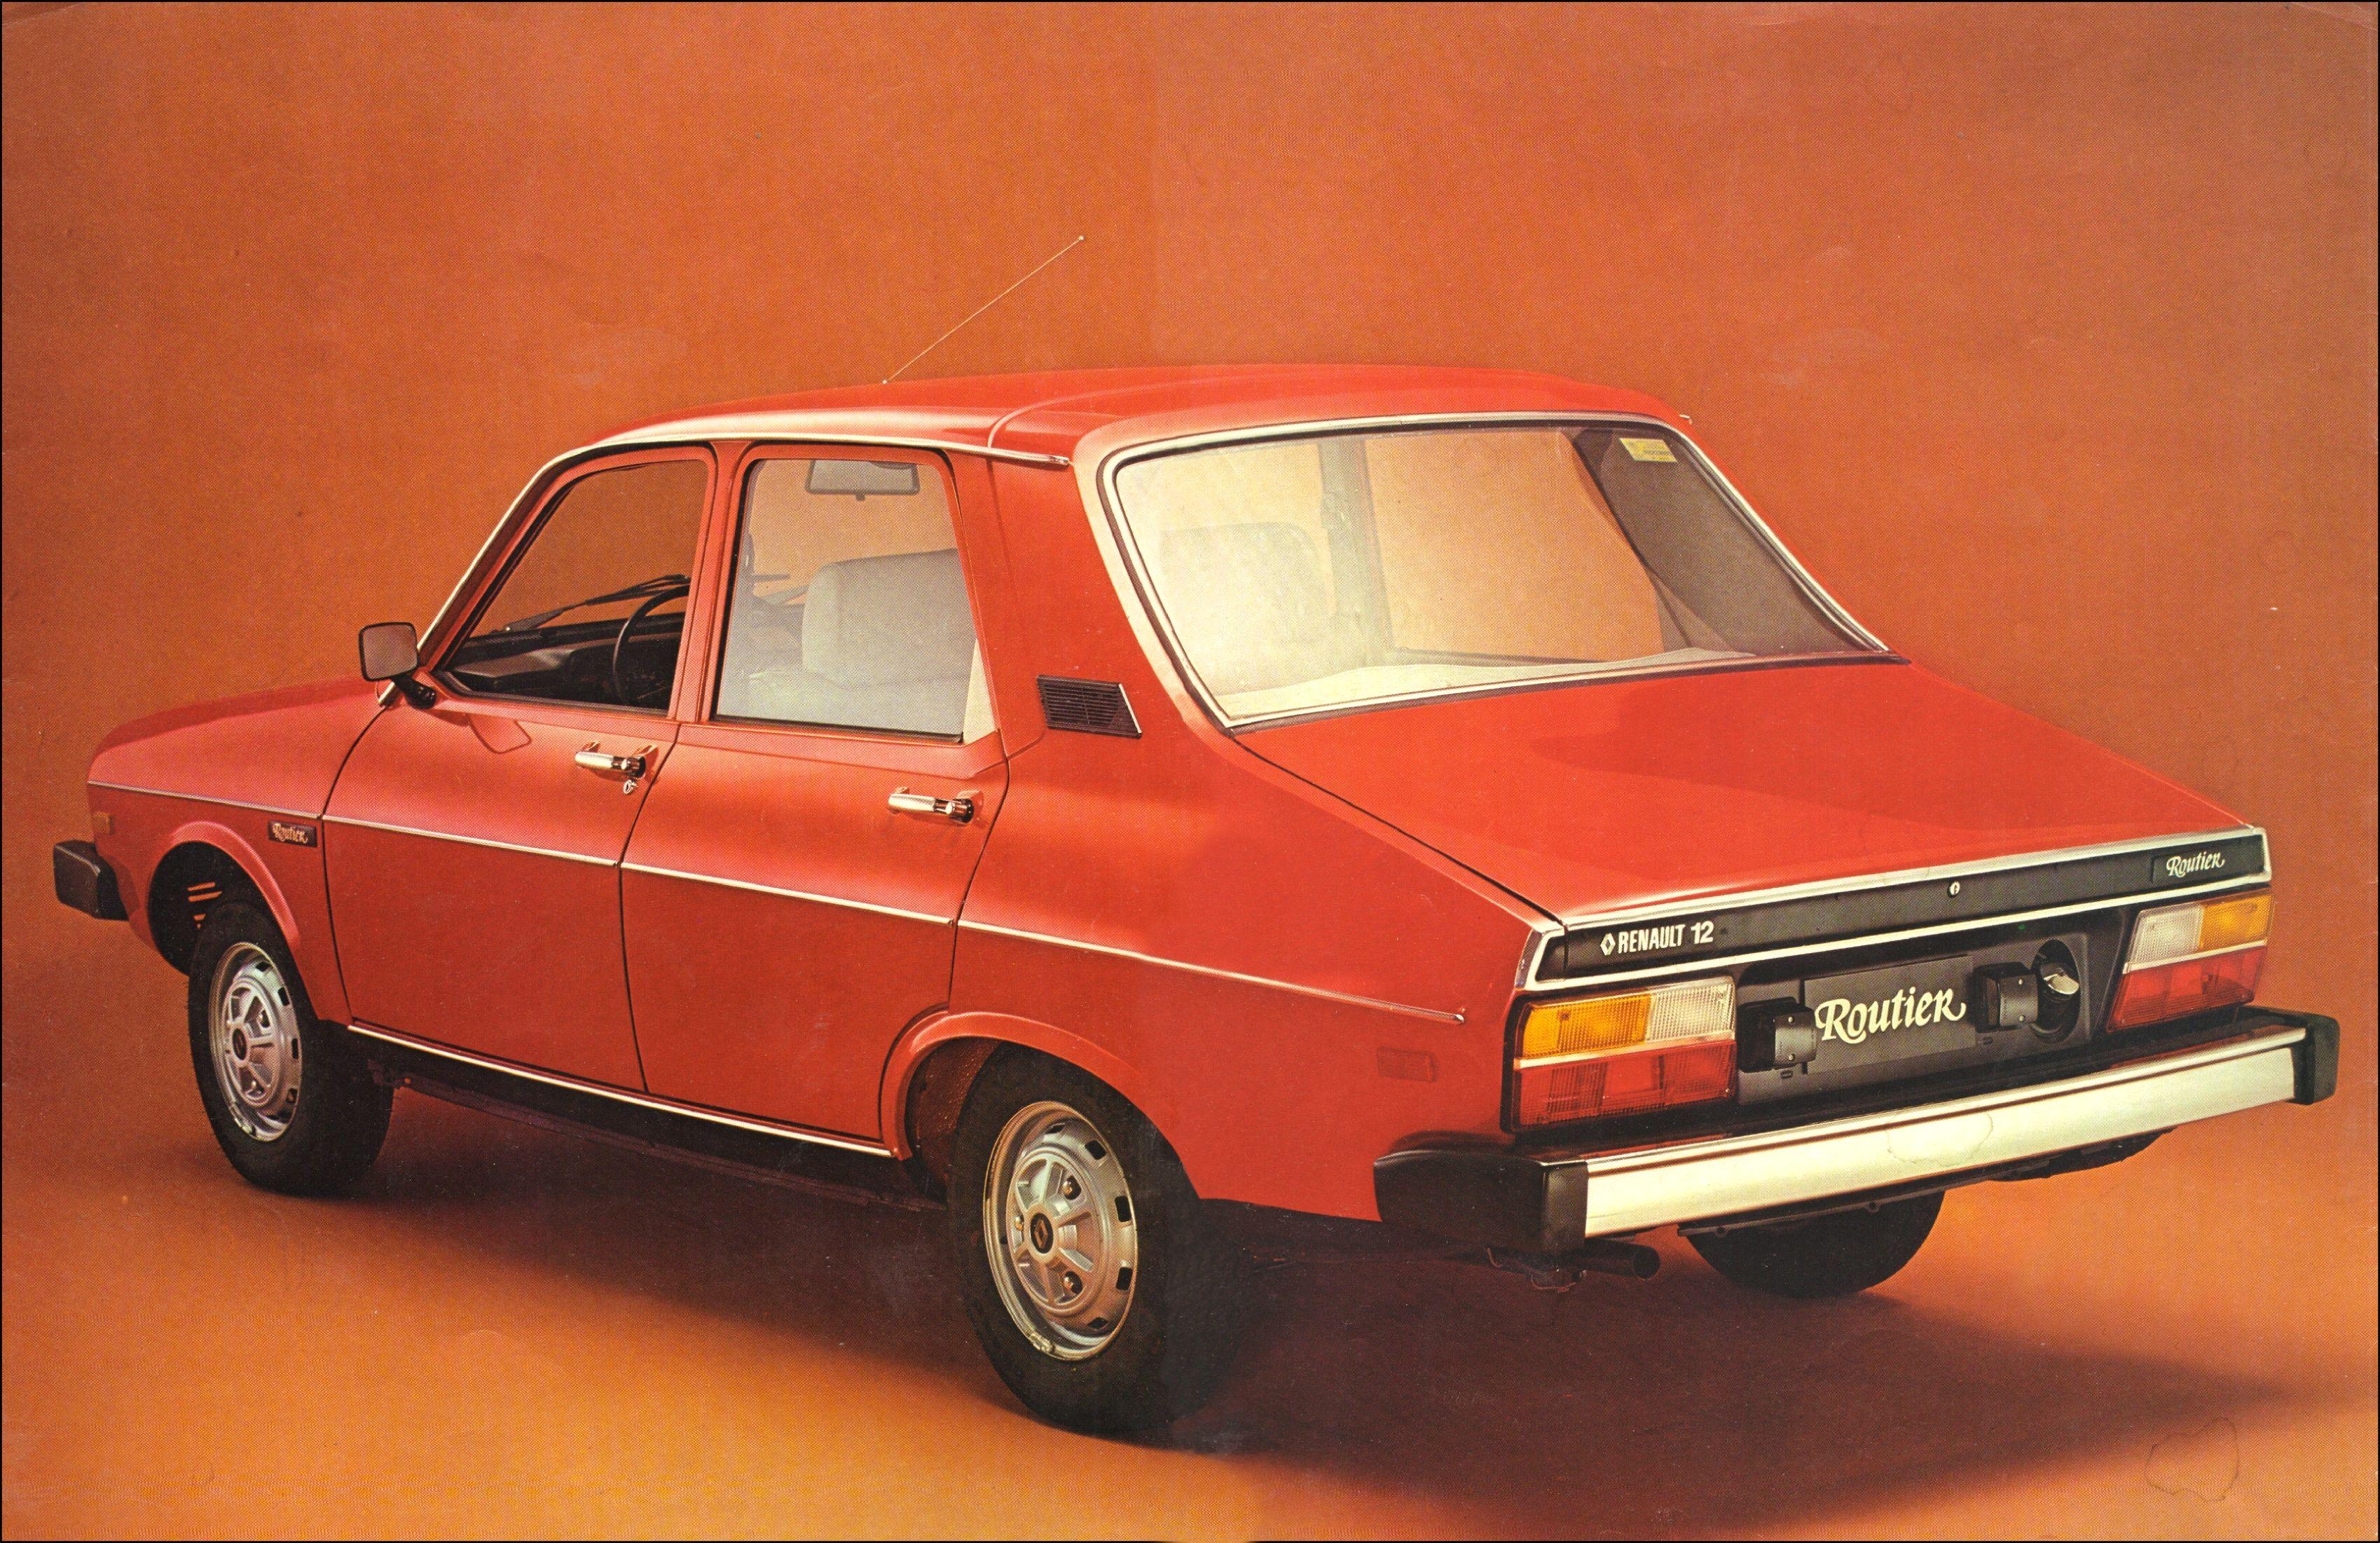 1982 Renault 12 Routier Brochure